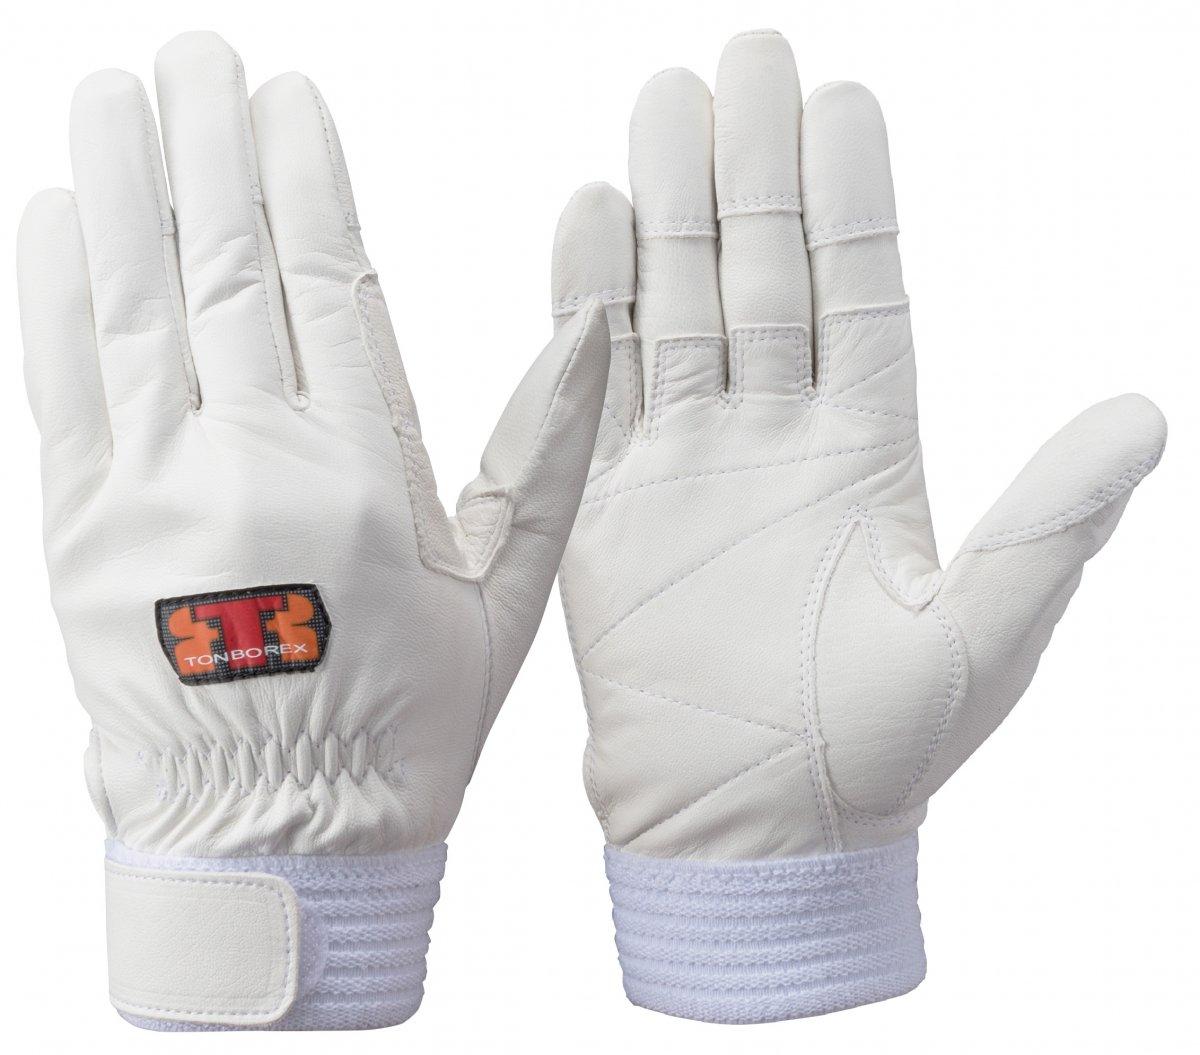 トンボレックス G-REX32W 山羊革製手袋